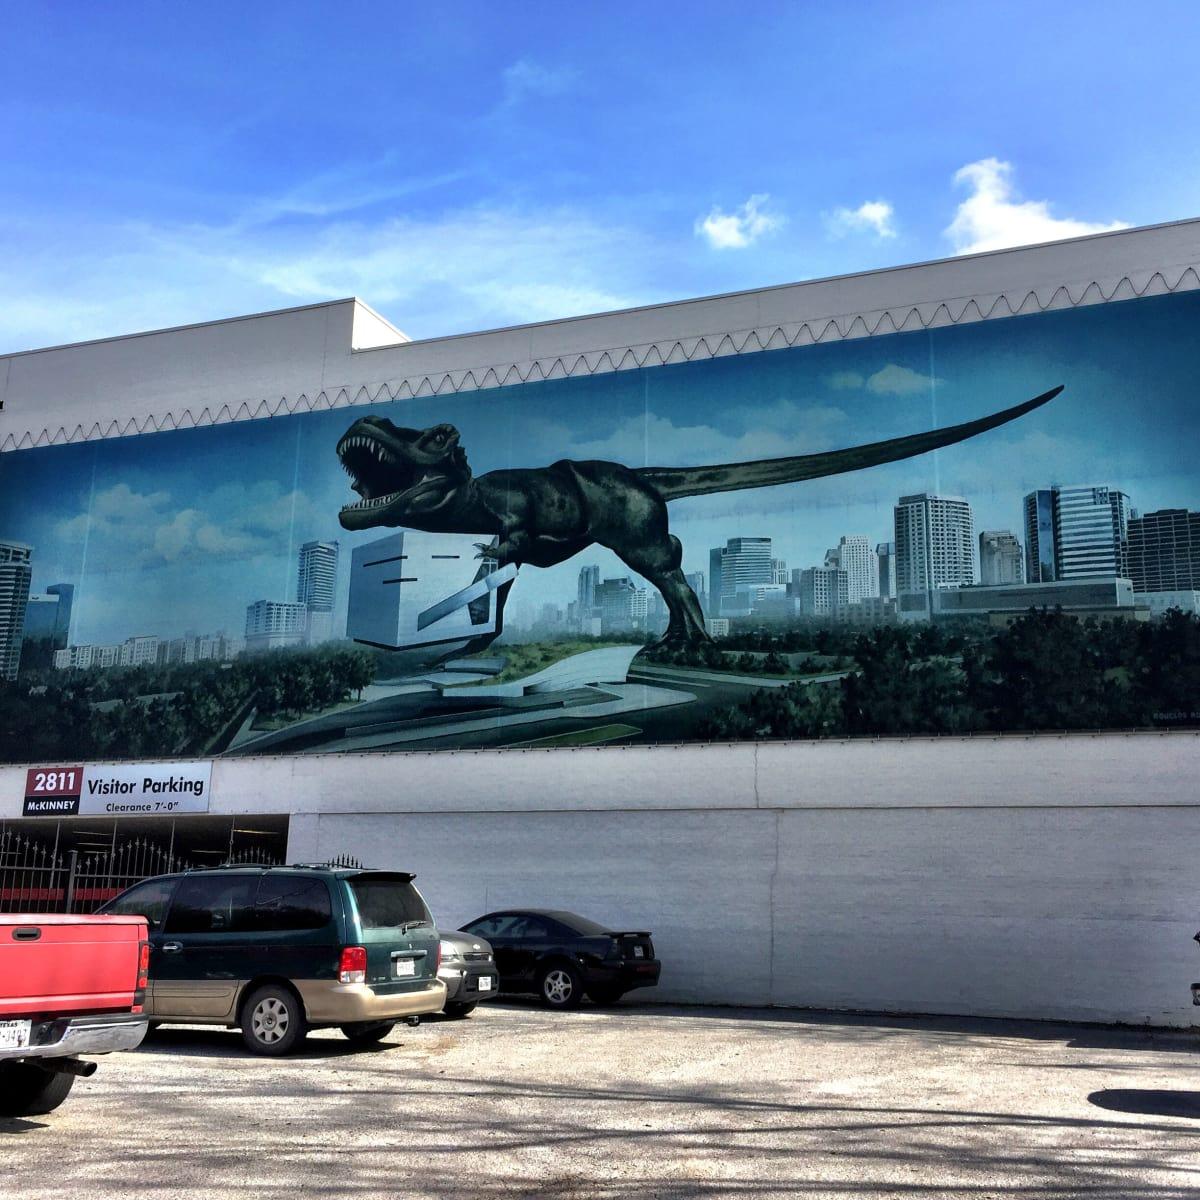 Dinosaur mural in Dallas, artist unknown